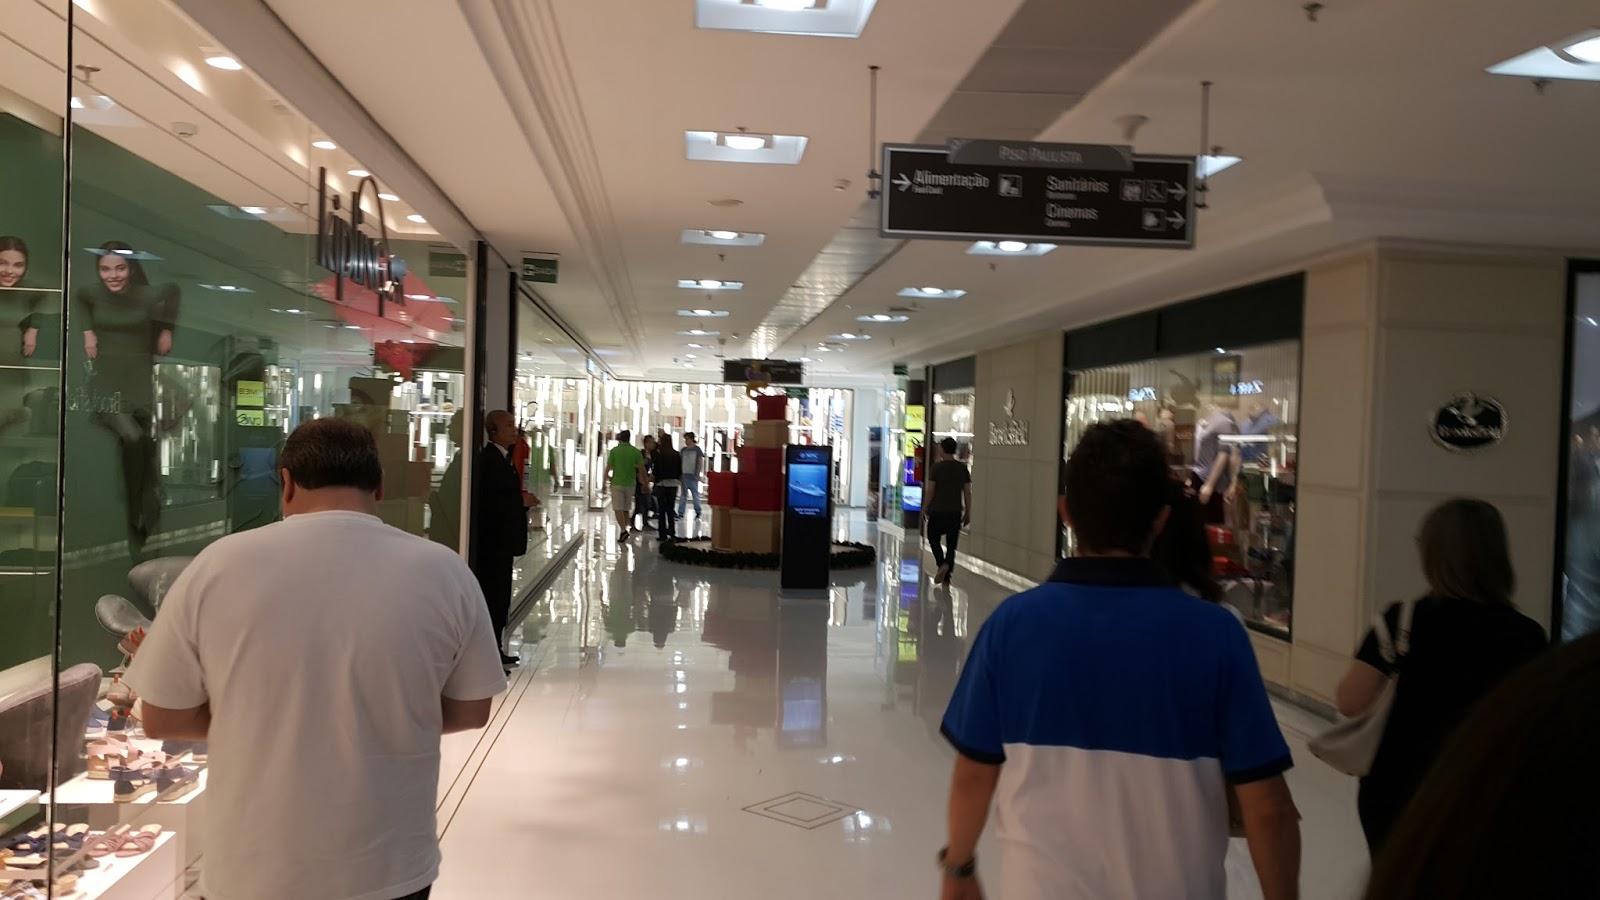 O belo shopping Pátio Paulista atrai milhares de visitantes durante a  semana (FOTO  Eduardo Pires) 77e8e60da5